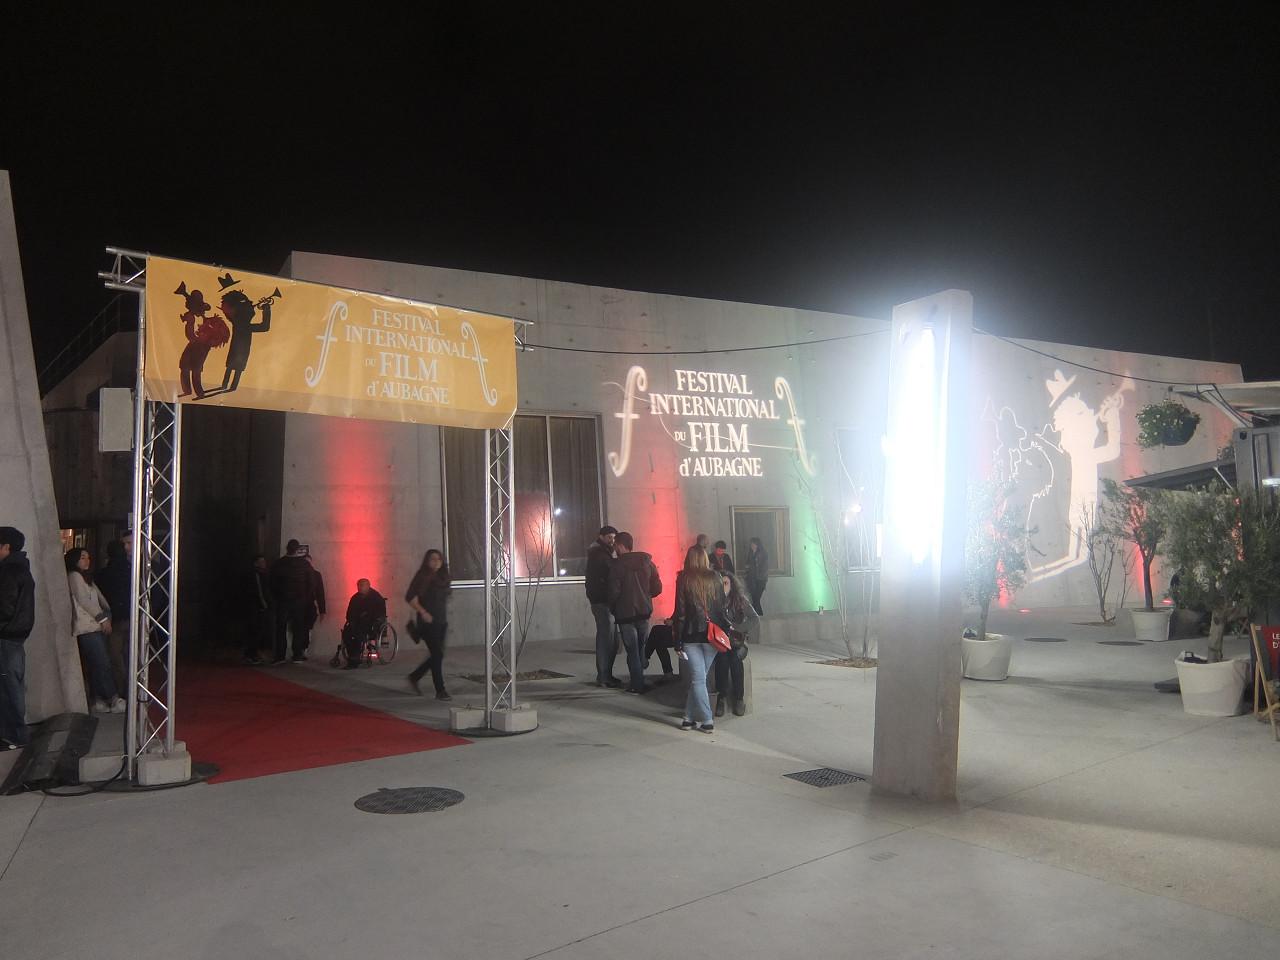 entrée de la Maison du Festival